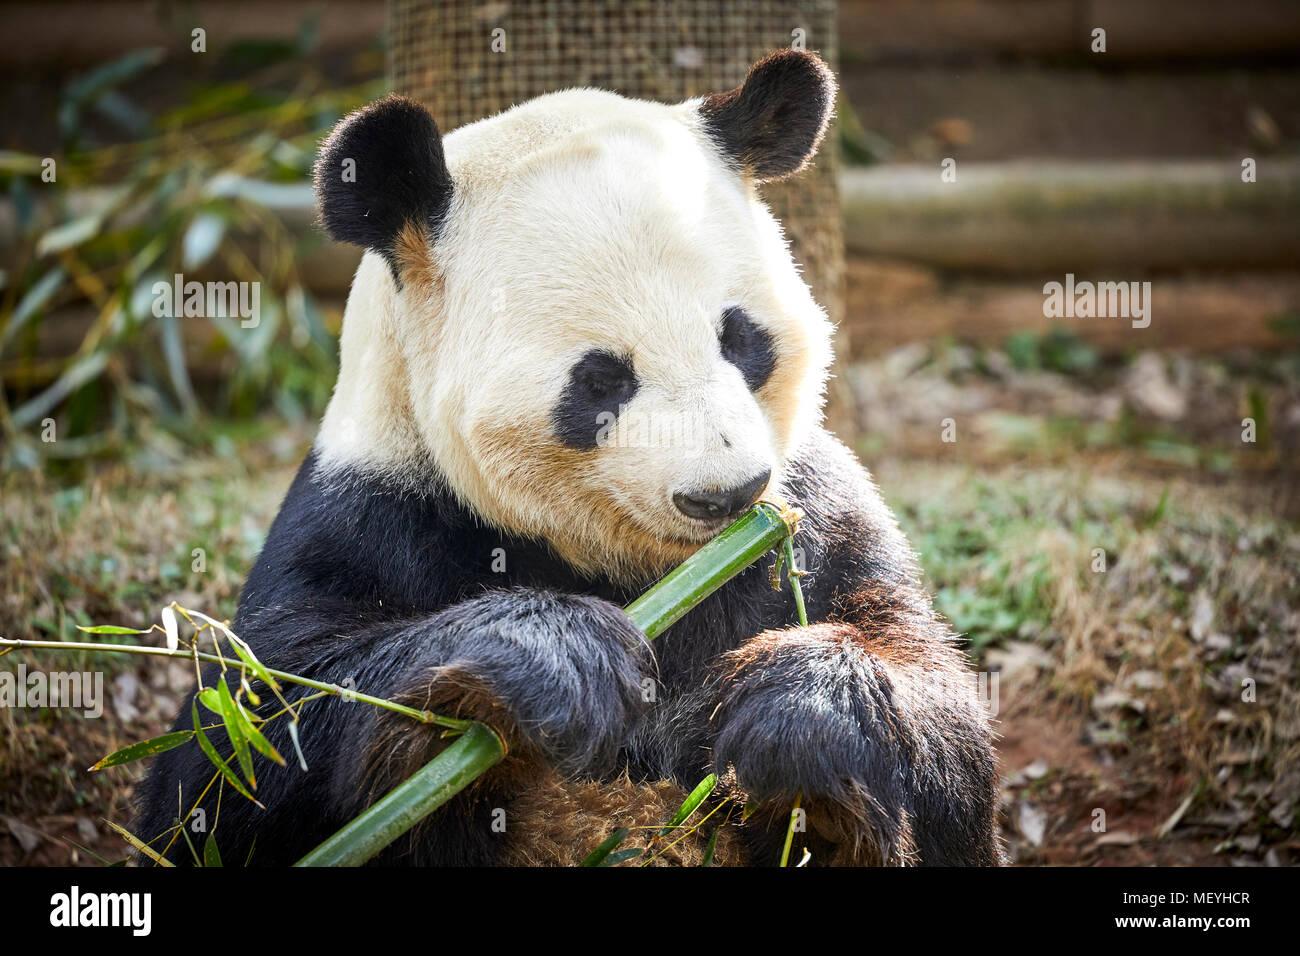 Atlanta capitale de l'état américain de Géorgie, le Zoo d'Atlanta Zoological Park grand panda bear native du sud-centre de la Chine Photo Stock